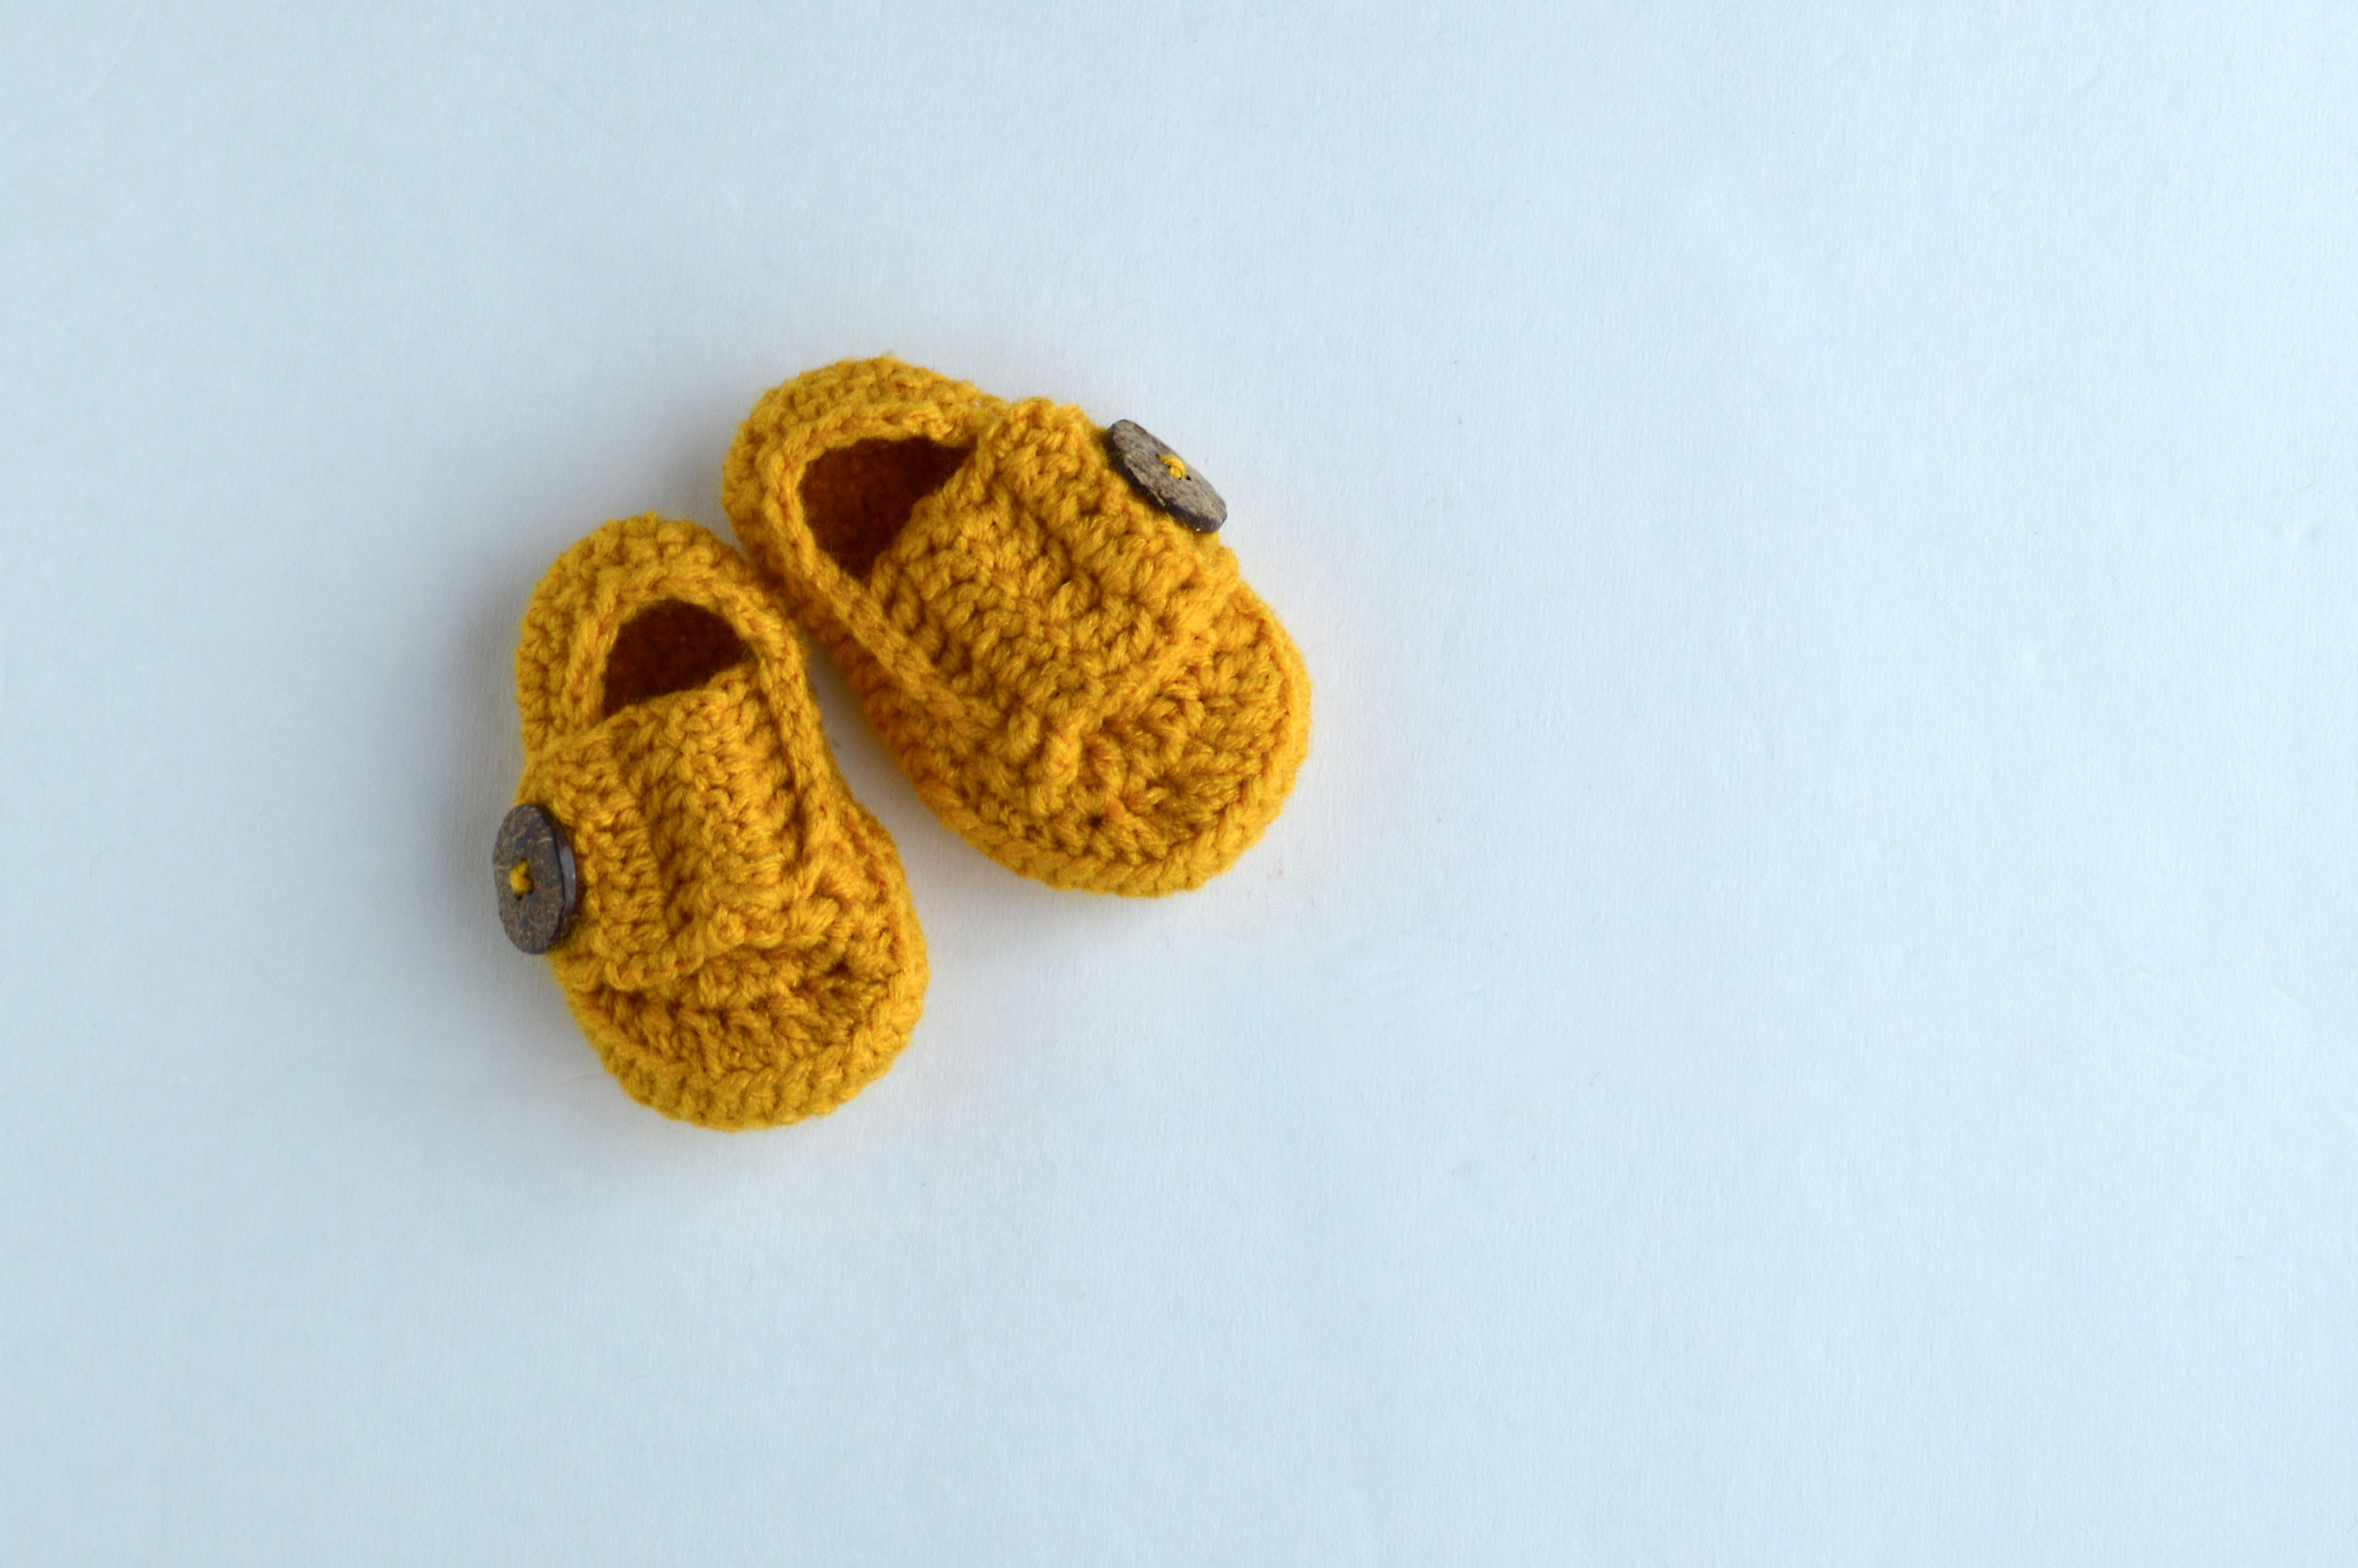 Crochet: Little Man Button Loafers Pattern and Tutorial – chelsiebrady